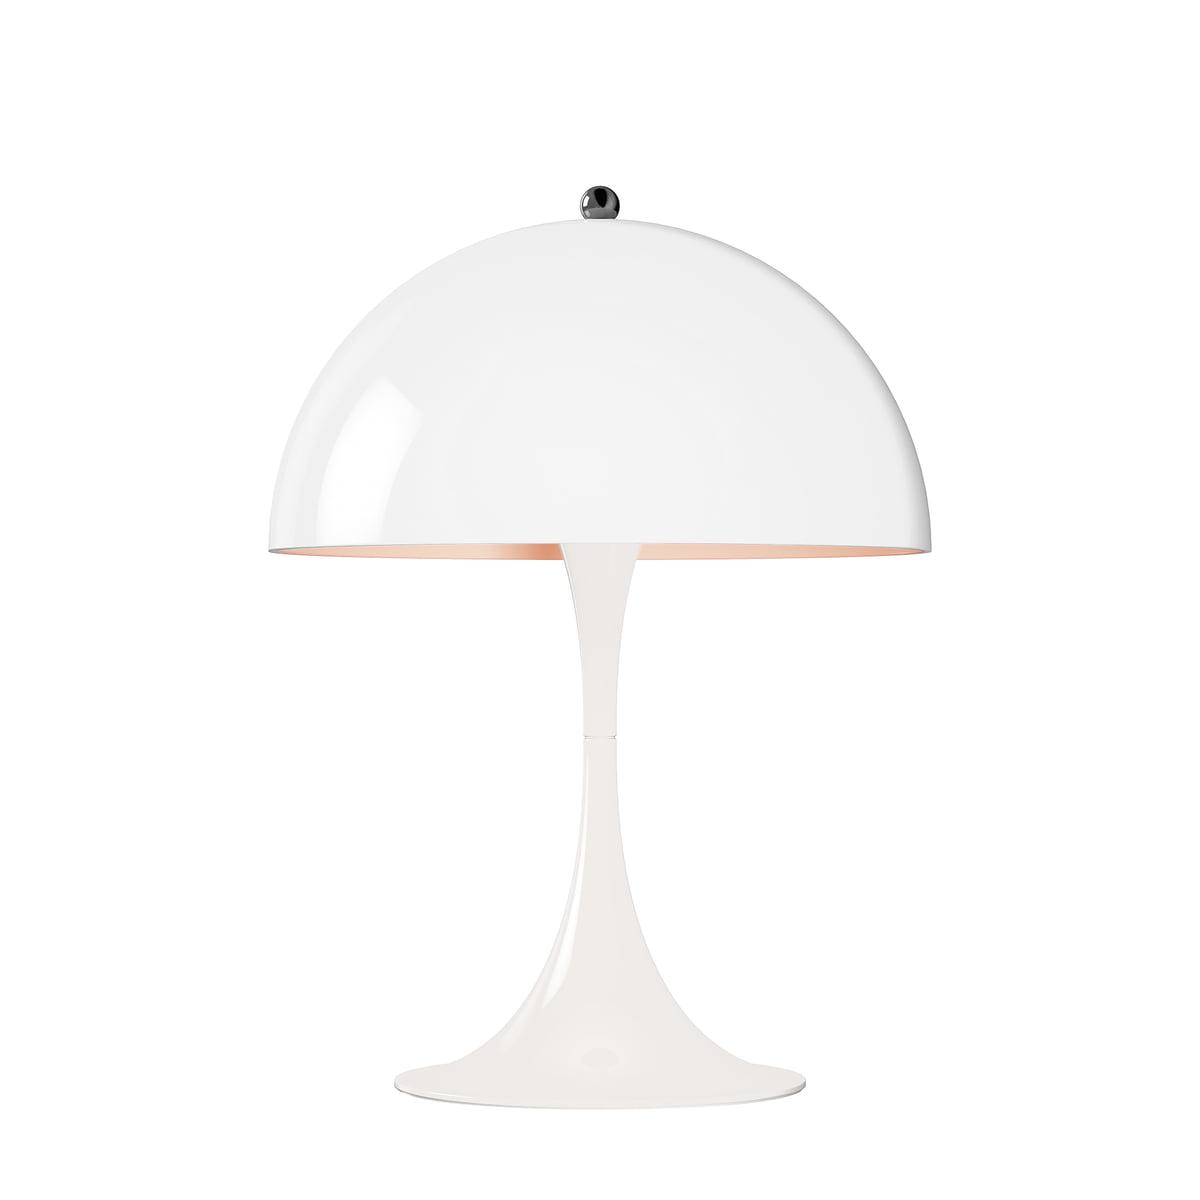 Panthella Mini Table Lamp Ø 250 Cm By Louis Poulsen In White